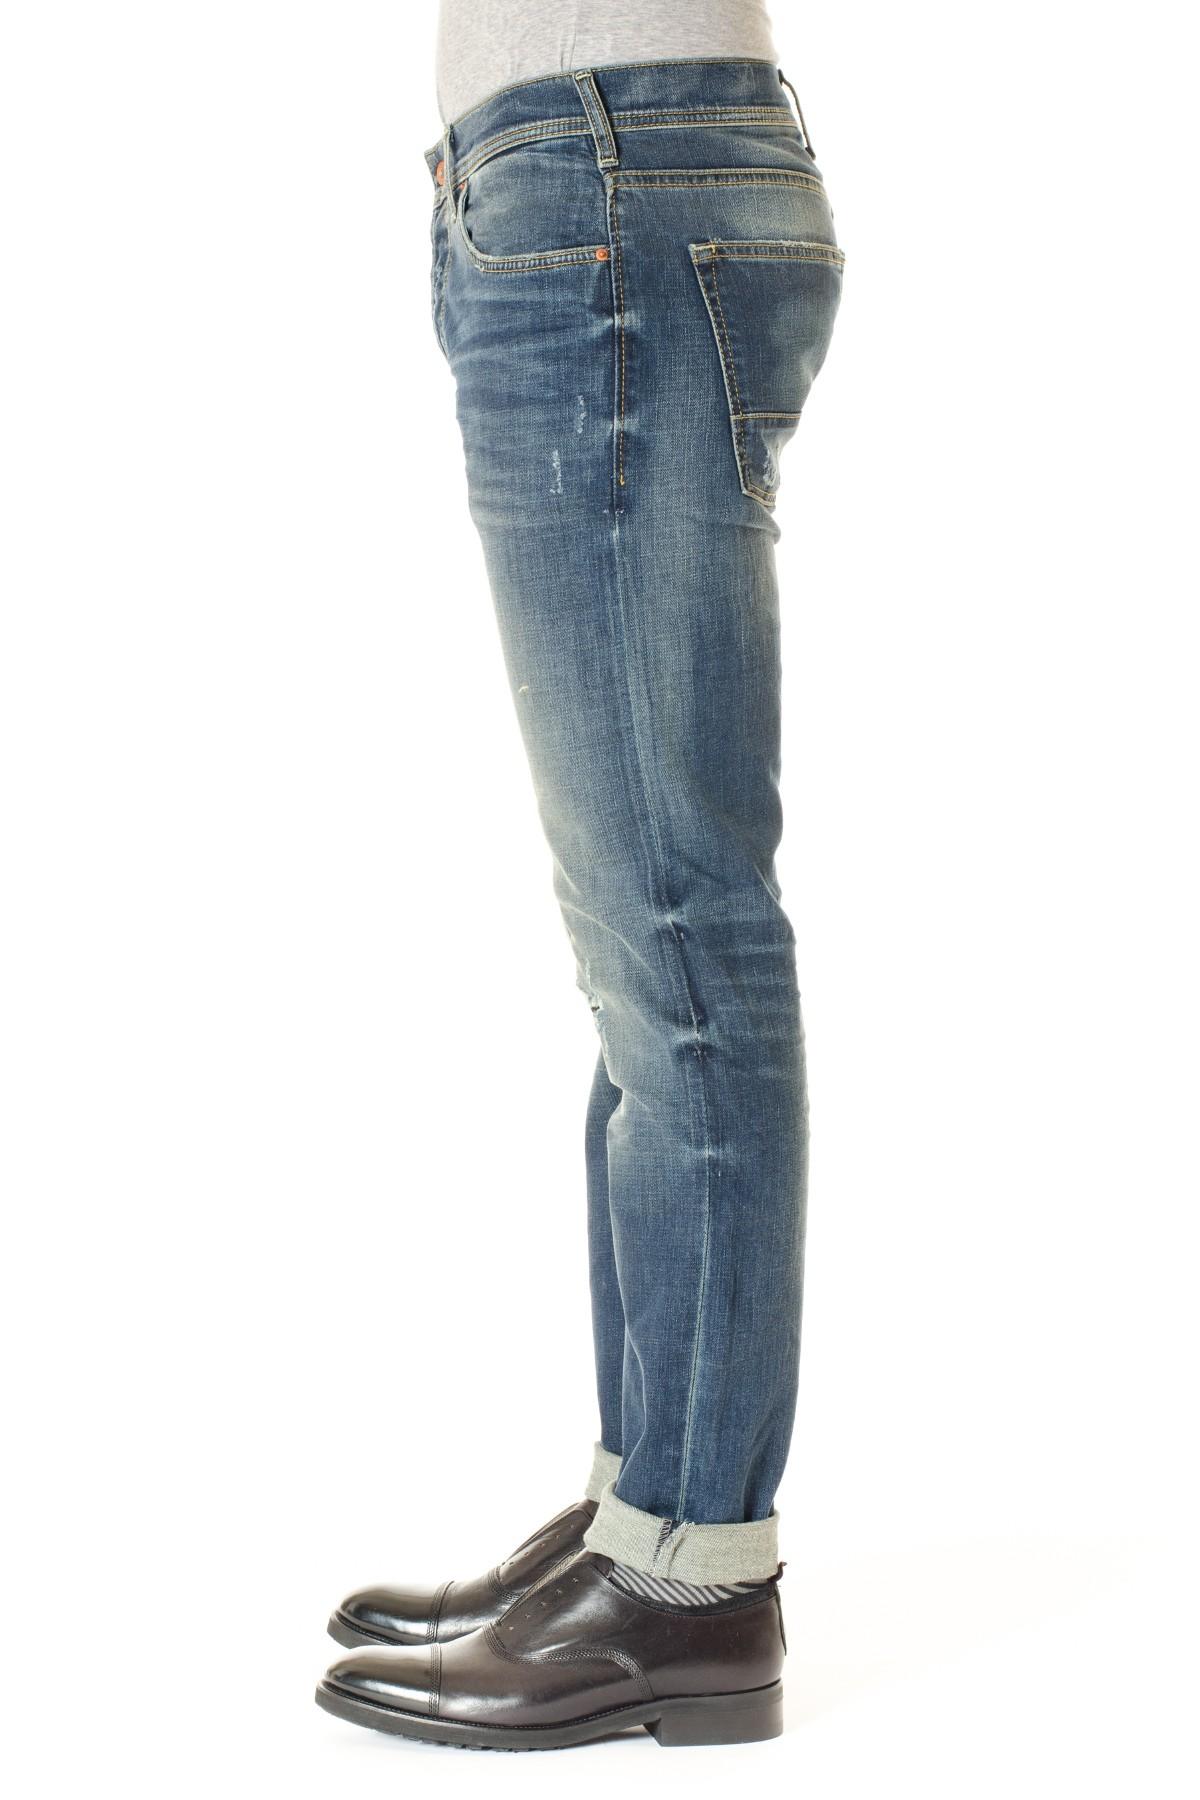 DENIM - Denim trousers Brian Dales RlrPalBmP4